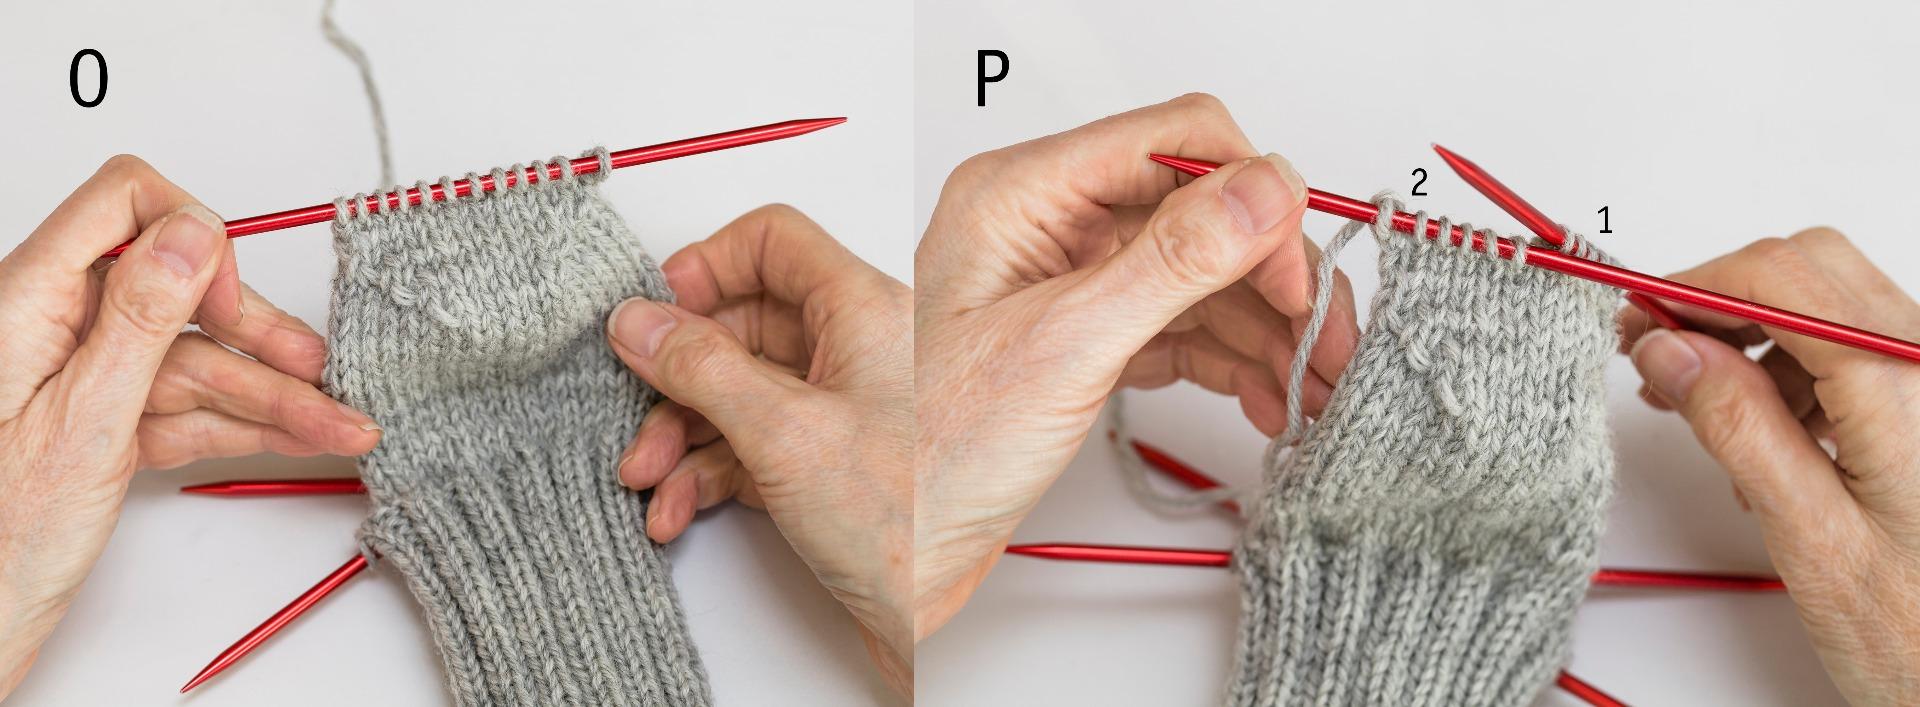 sticka sockor nybörjare beskrivning